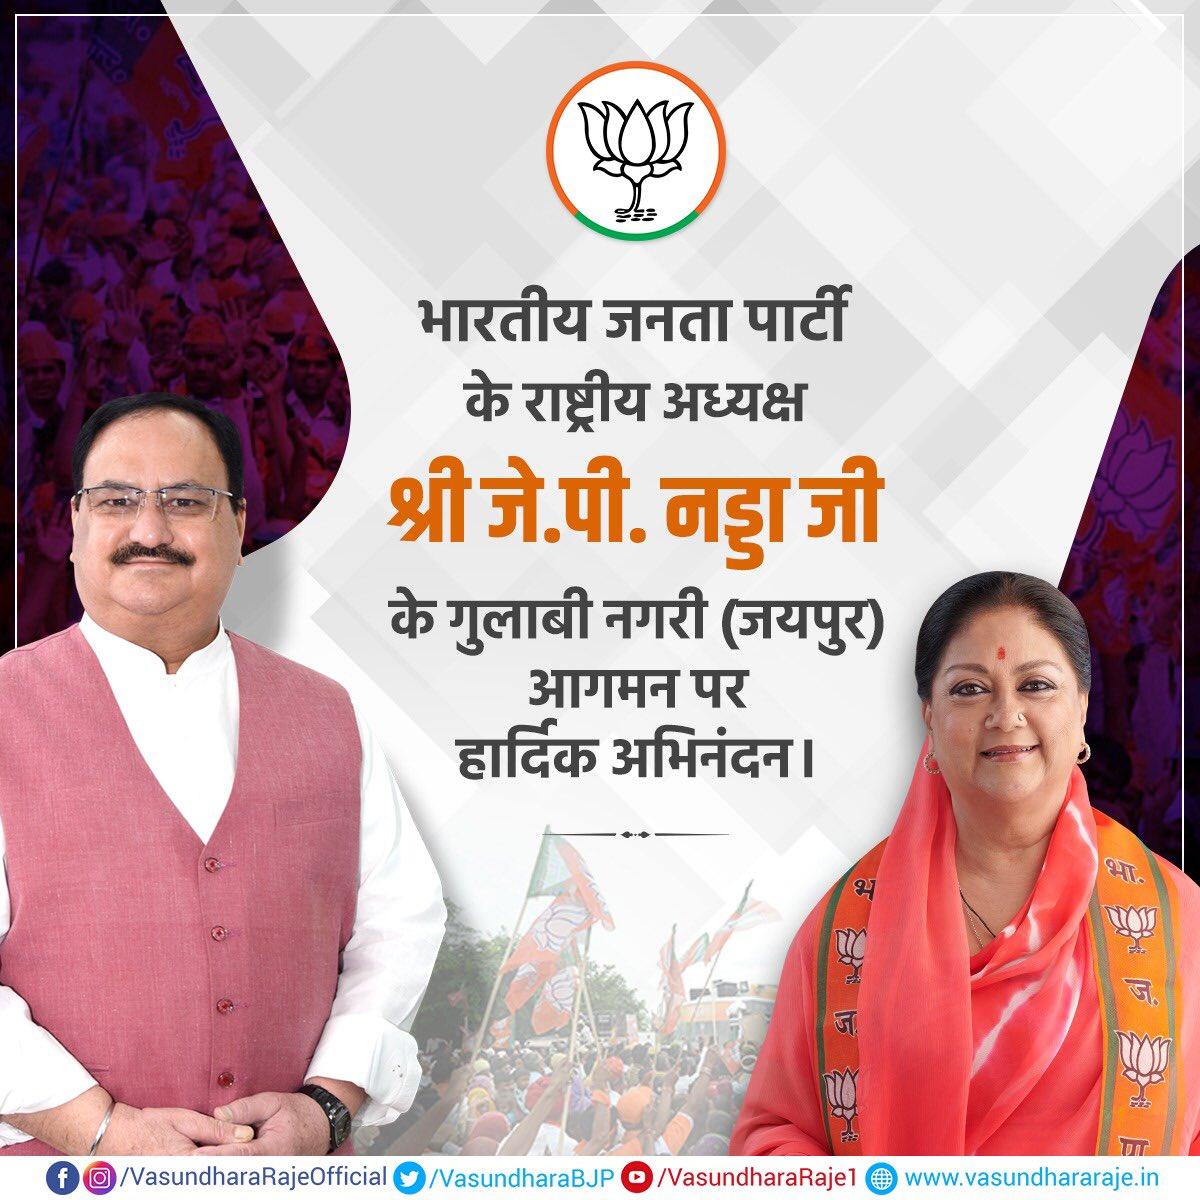 विश्व के सबसे बड़े राजनीतिक दल भारतीय जनता पार्टी के राष्ट्रीय अध्यक्ष श्री @JPNadda जी के गुलाबी नगरी, जयपुर (राजस्थान) आगमन पर हार्दिक अभिनंदन करती हूं। आपकी गौरवमयी उपस्थिति से कार्यकर्ताओं व आमजन में नई ऊर्जा का संचार होगा, ऐसा हमें विश्वास है।  #नड्डा_जी_रो_स्वागत